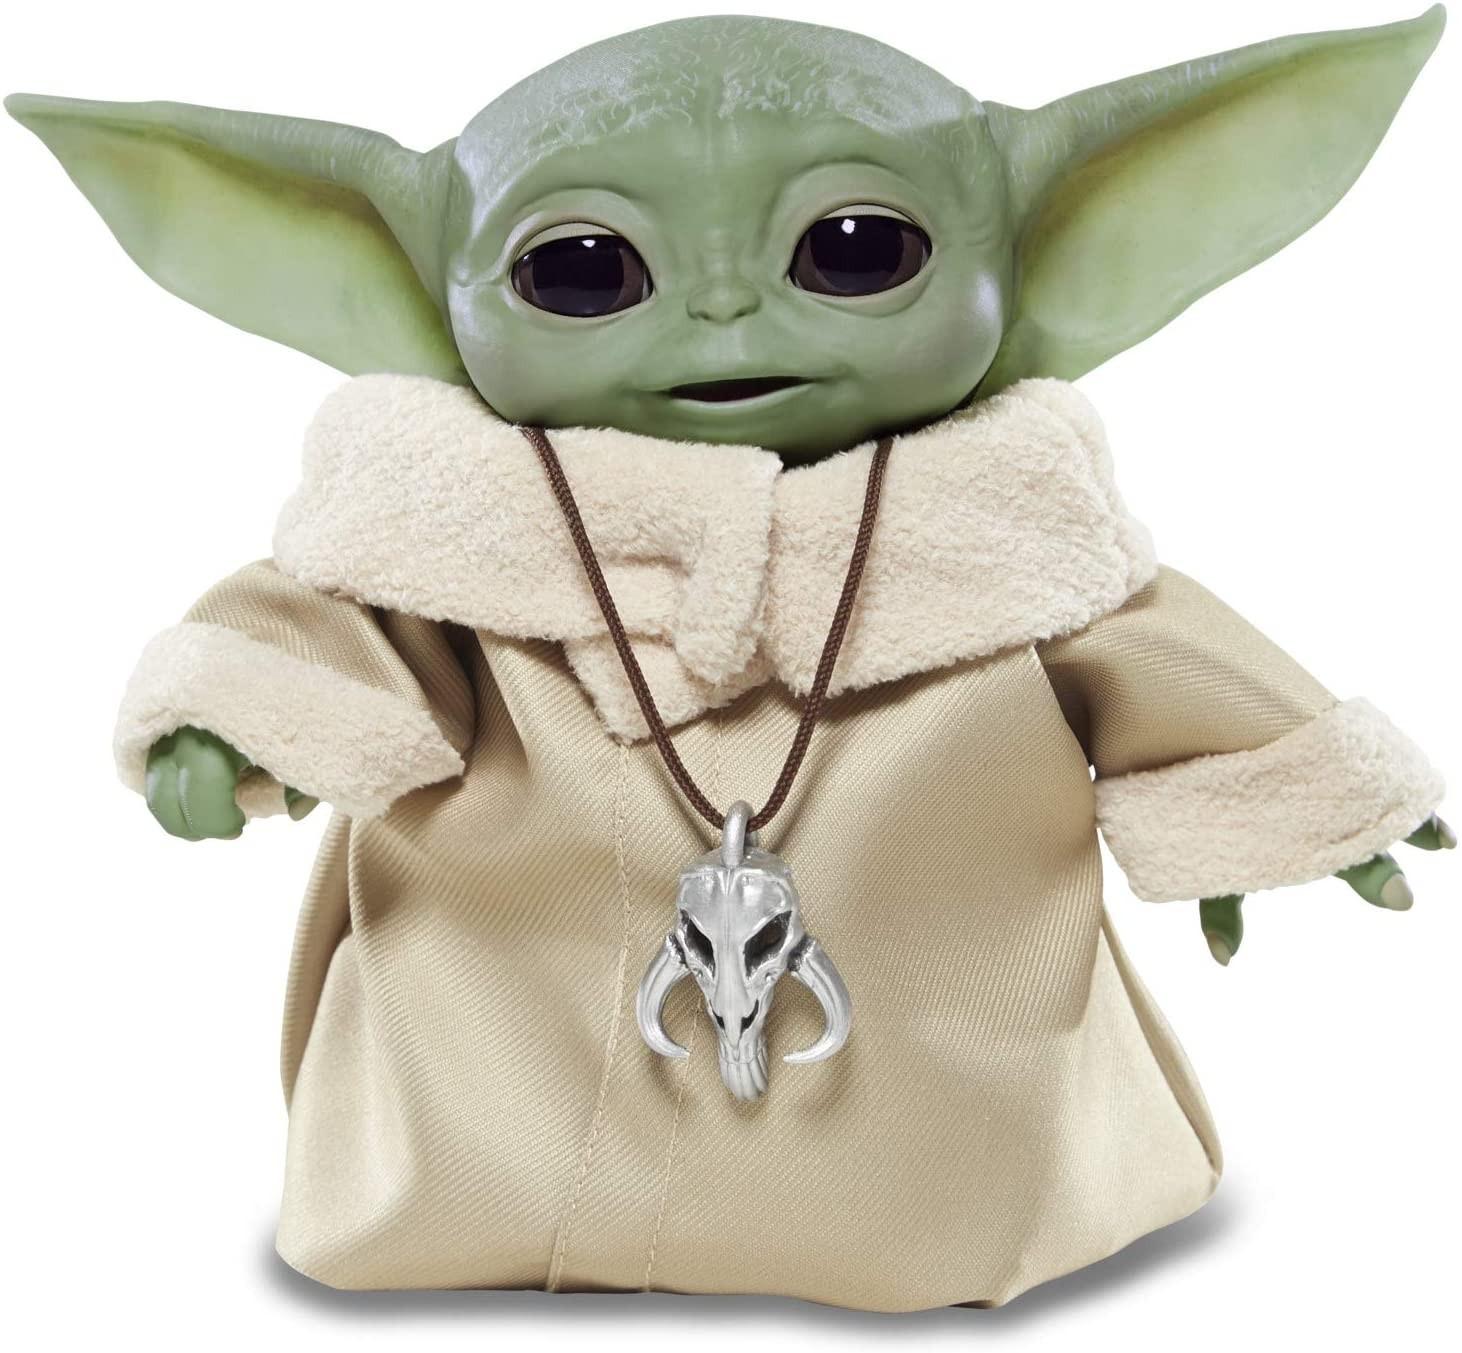 Купить Интерактивный Малыш Йода ГрогуЗвездные Войны Мандалорец (The Child Animatronic The Mandalorian Star Wars Hasbro) от